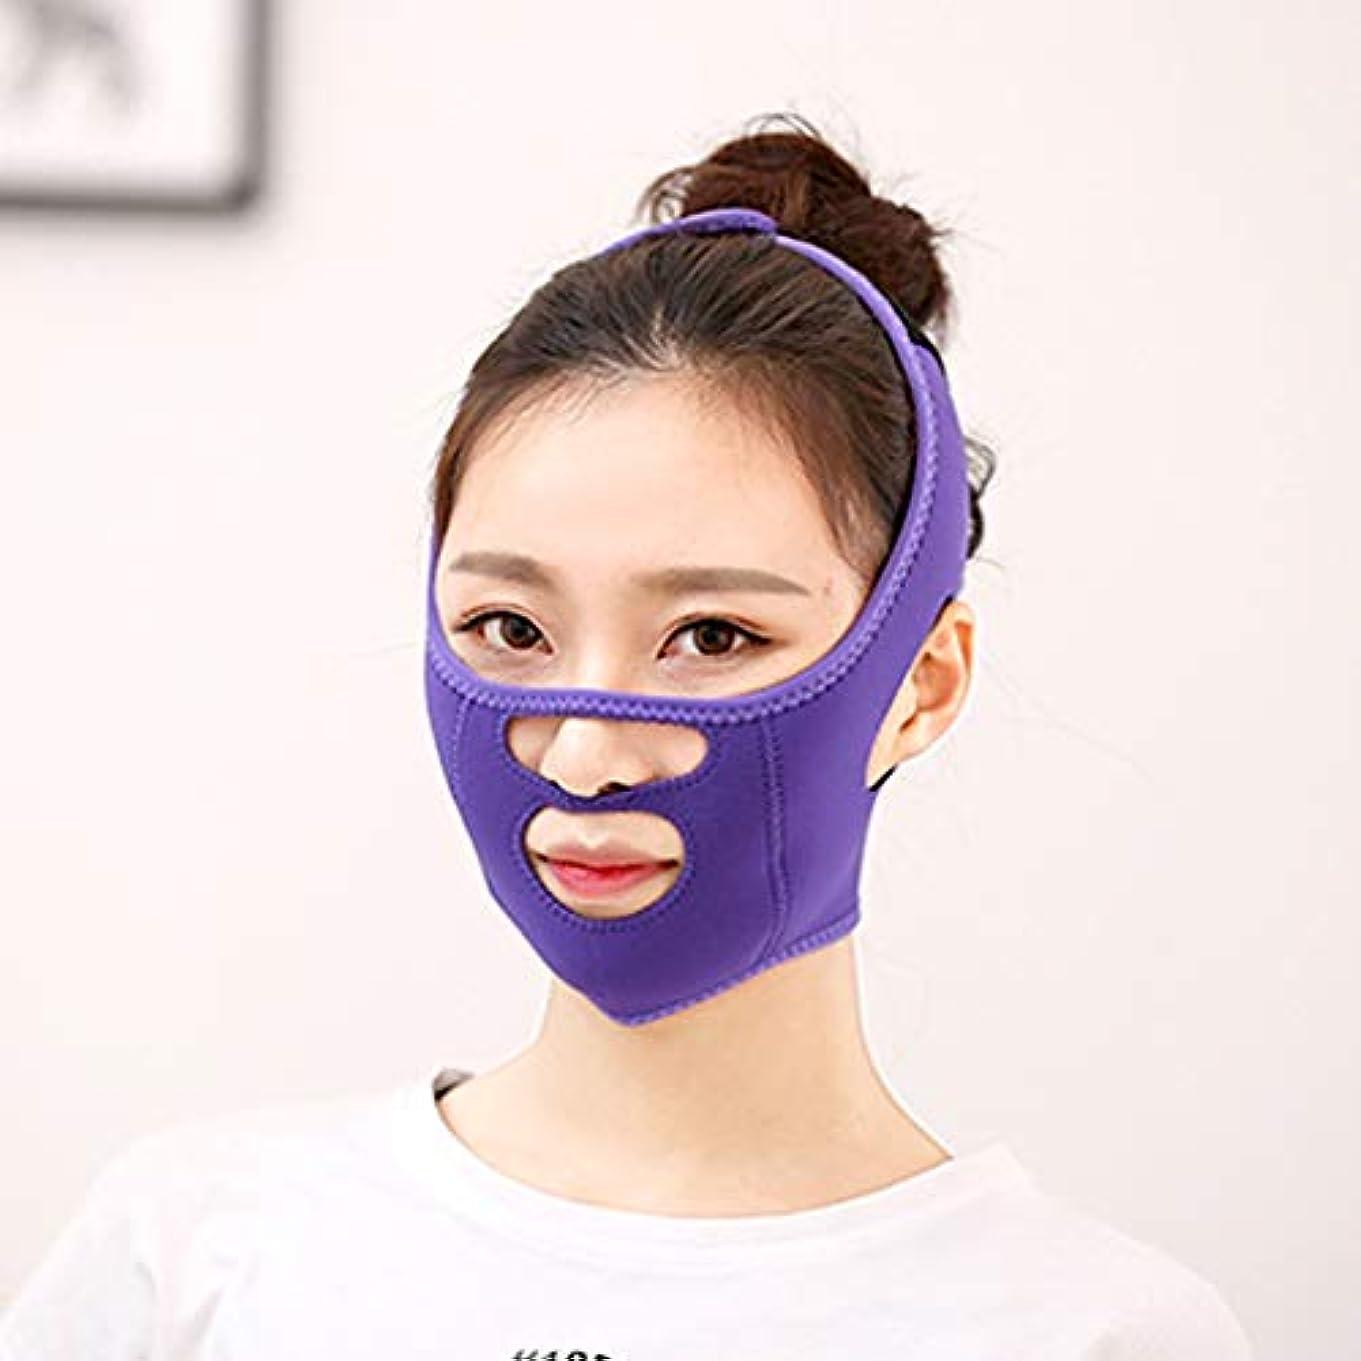 単調な弁護解明するJia He 軽量 薄い顔ベルト、Vフェイスアーティファクト通気性睡眠包帯?フェイシャルスリミング薄い二重あごがアンチリンクルフェイスベルトを持ち上げ ## (Color : Purple)